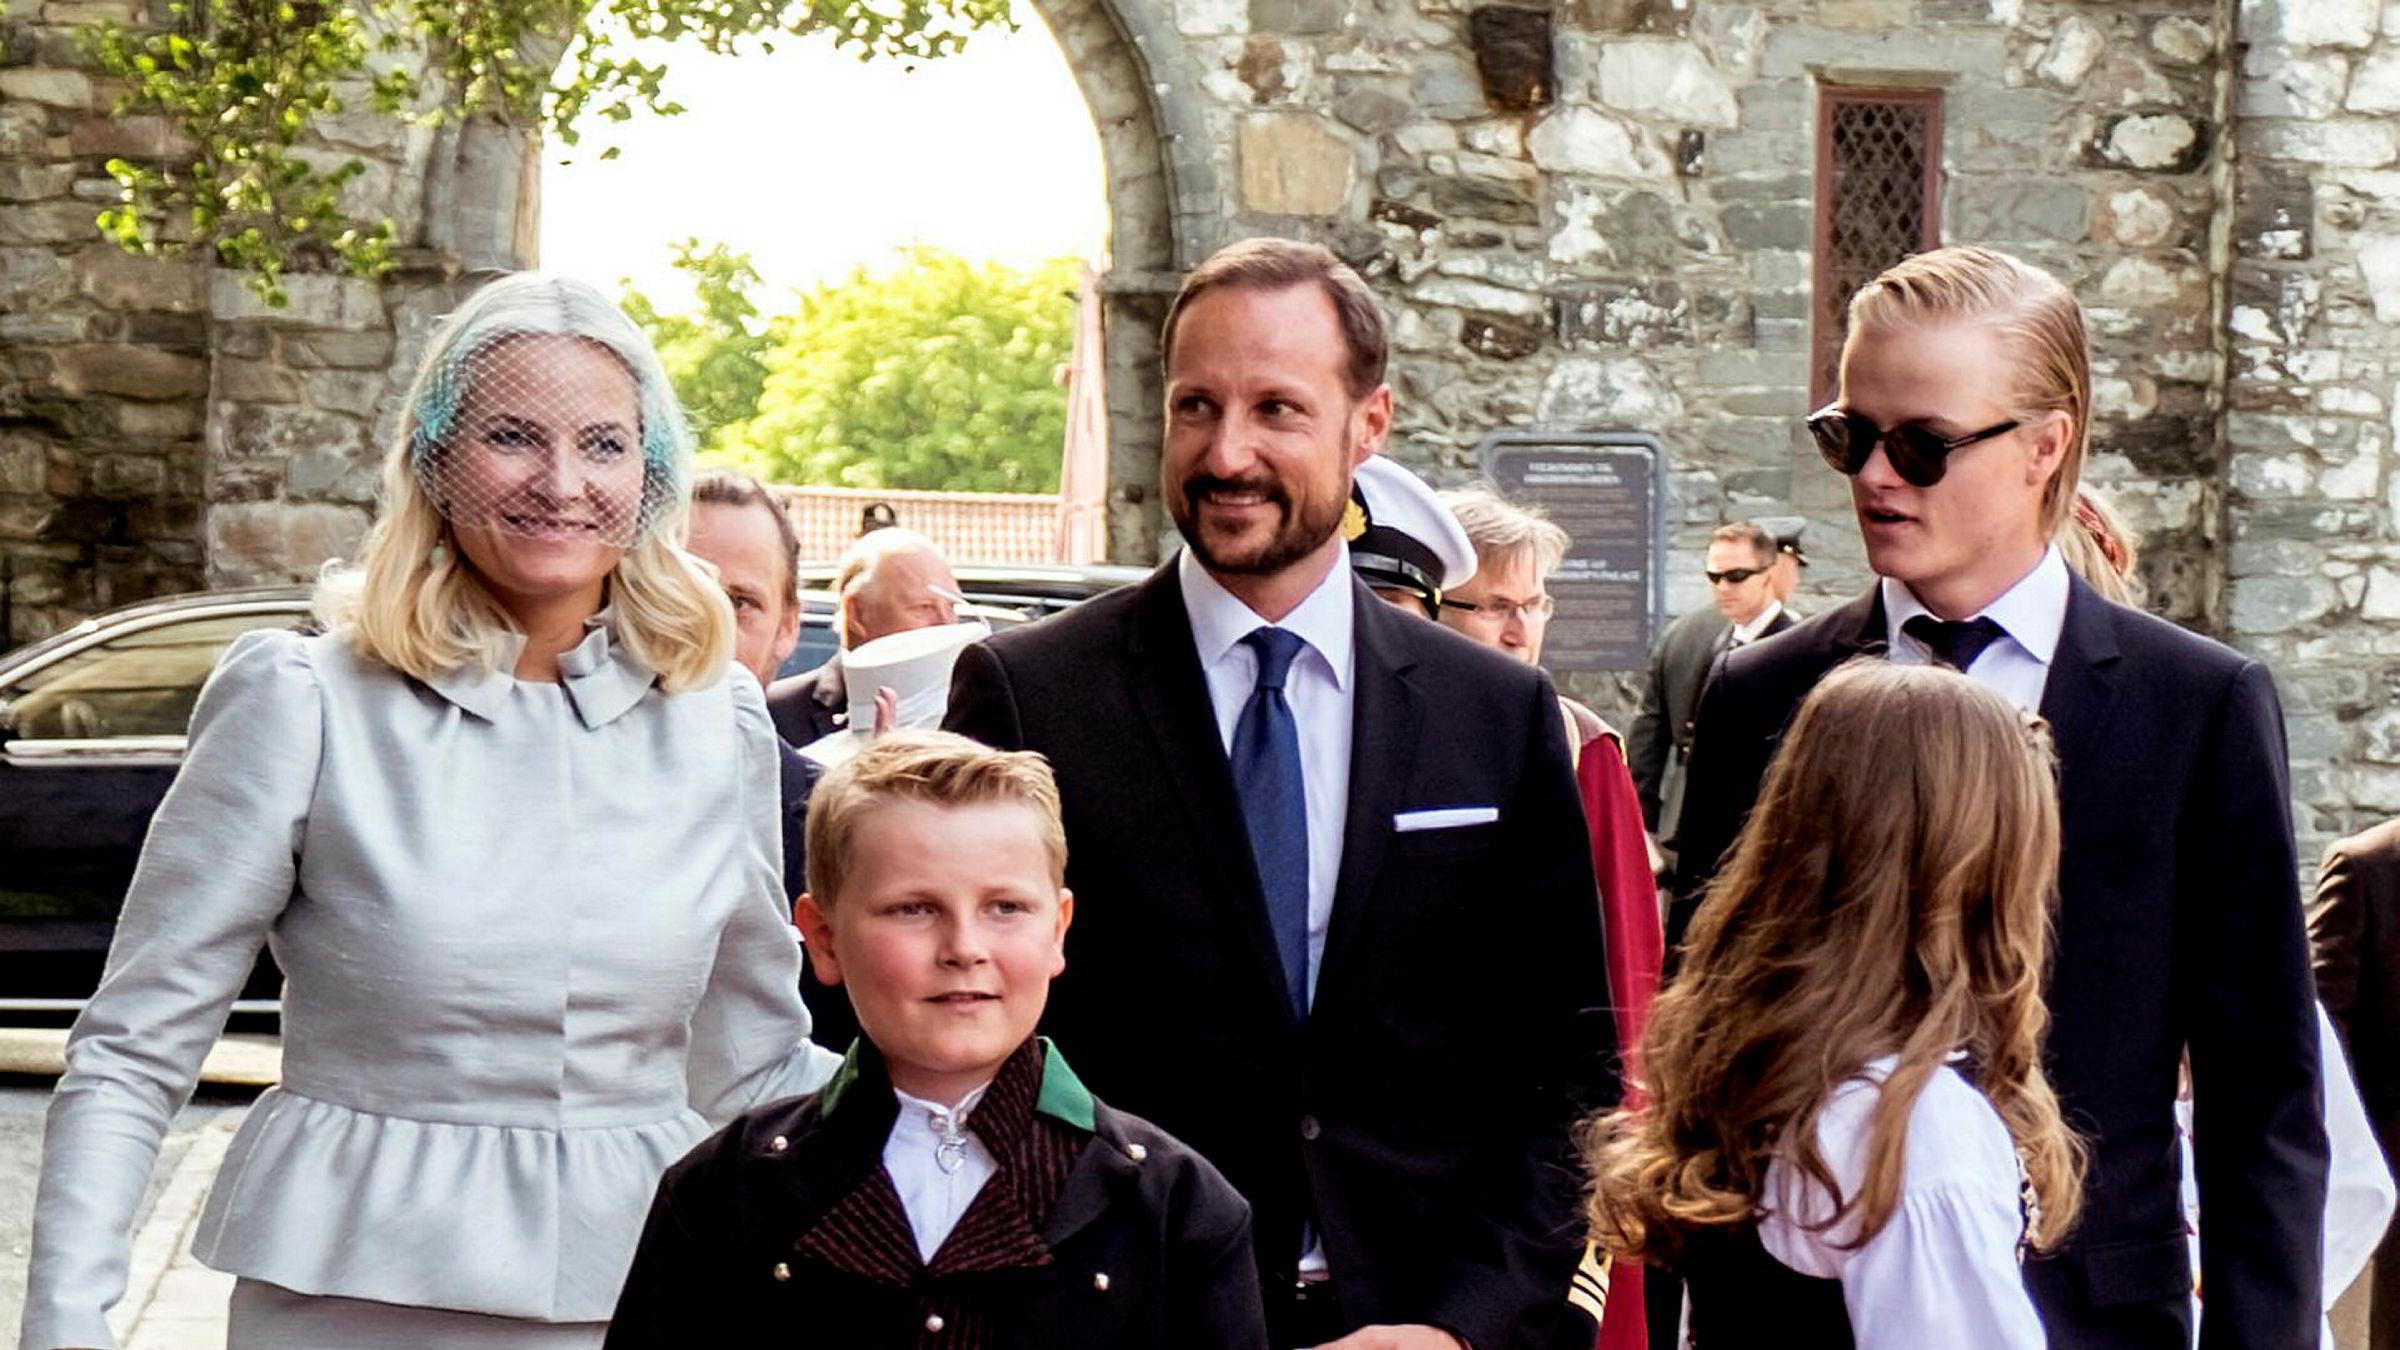 Kongeparet besøkte Trondheim i anledning kongeparets 25-årsjubileum i juni 2016. Kronprinsesse Mette-Marit, kronprins Haakon, Marius Borg Høiby (bak til høyre), prins Sverre Magnus og prinsesse Ingrid Alexandra er på vei inn i Nidarosdomen.